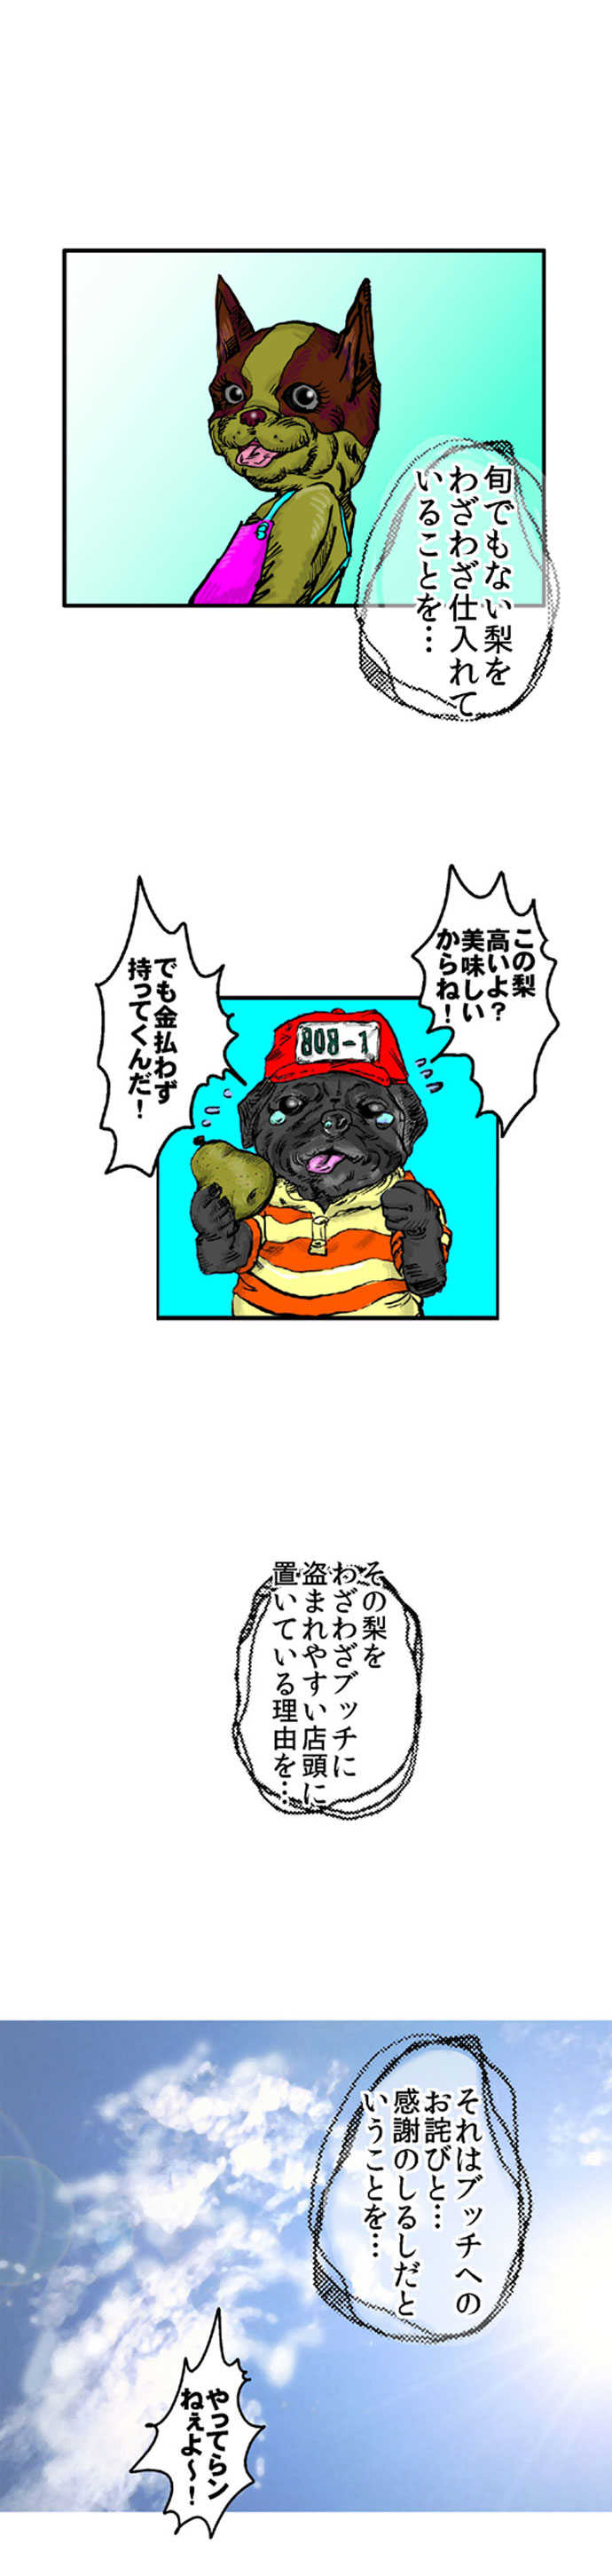 第九話 Don't PUG me!(後篇)